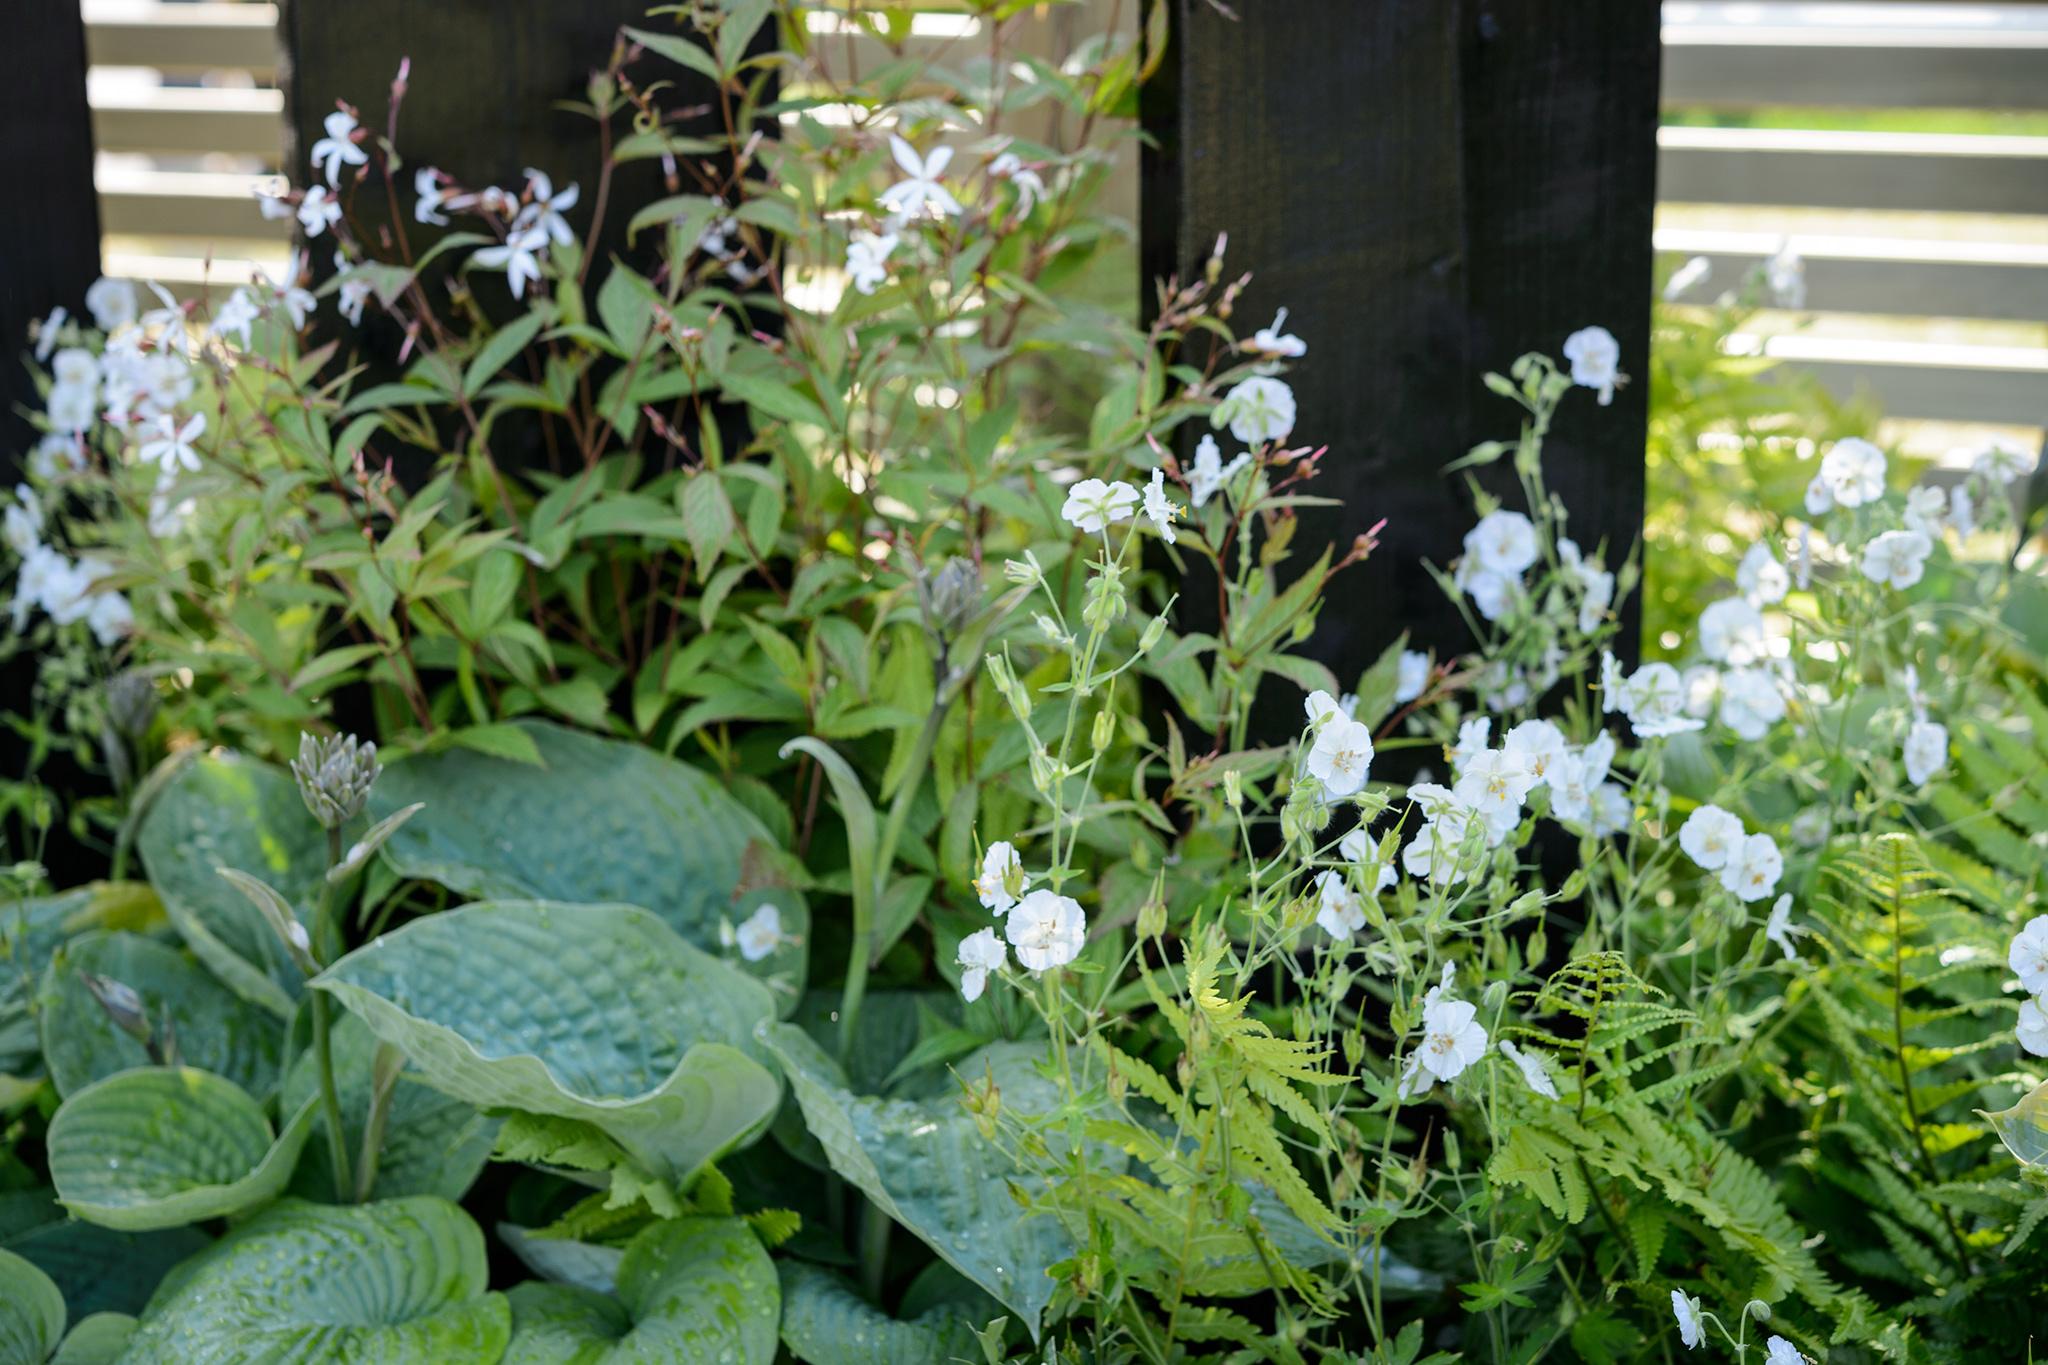 Hostas and geraniums